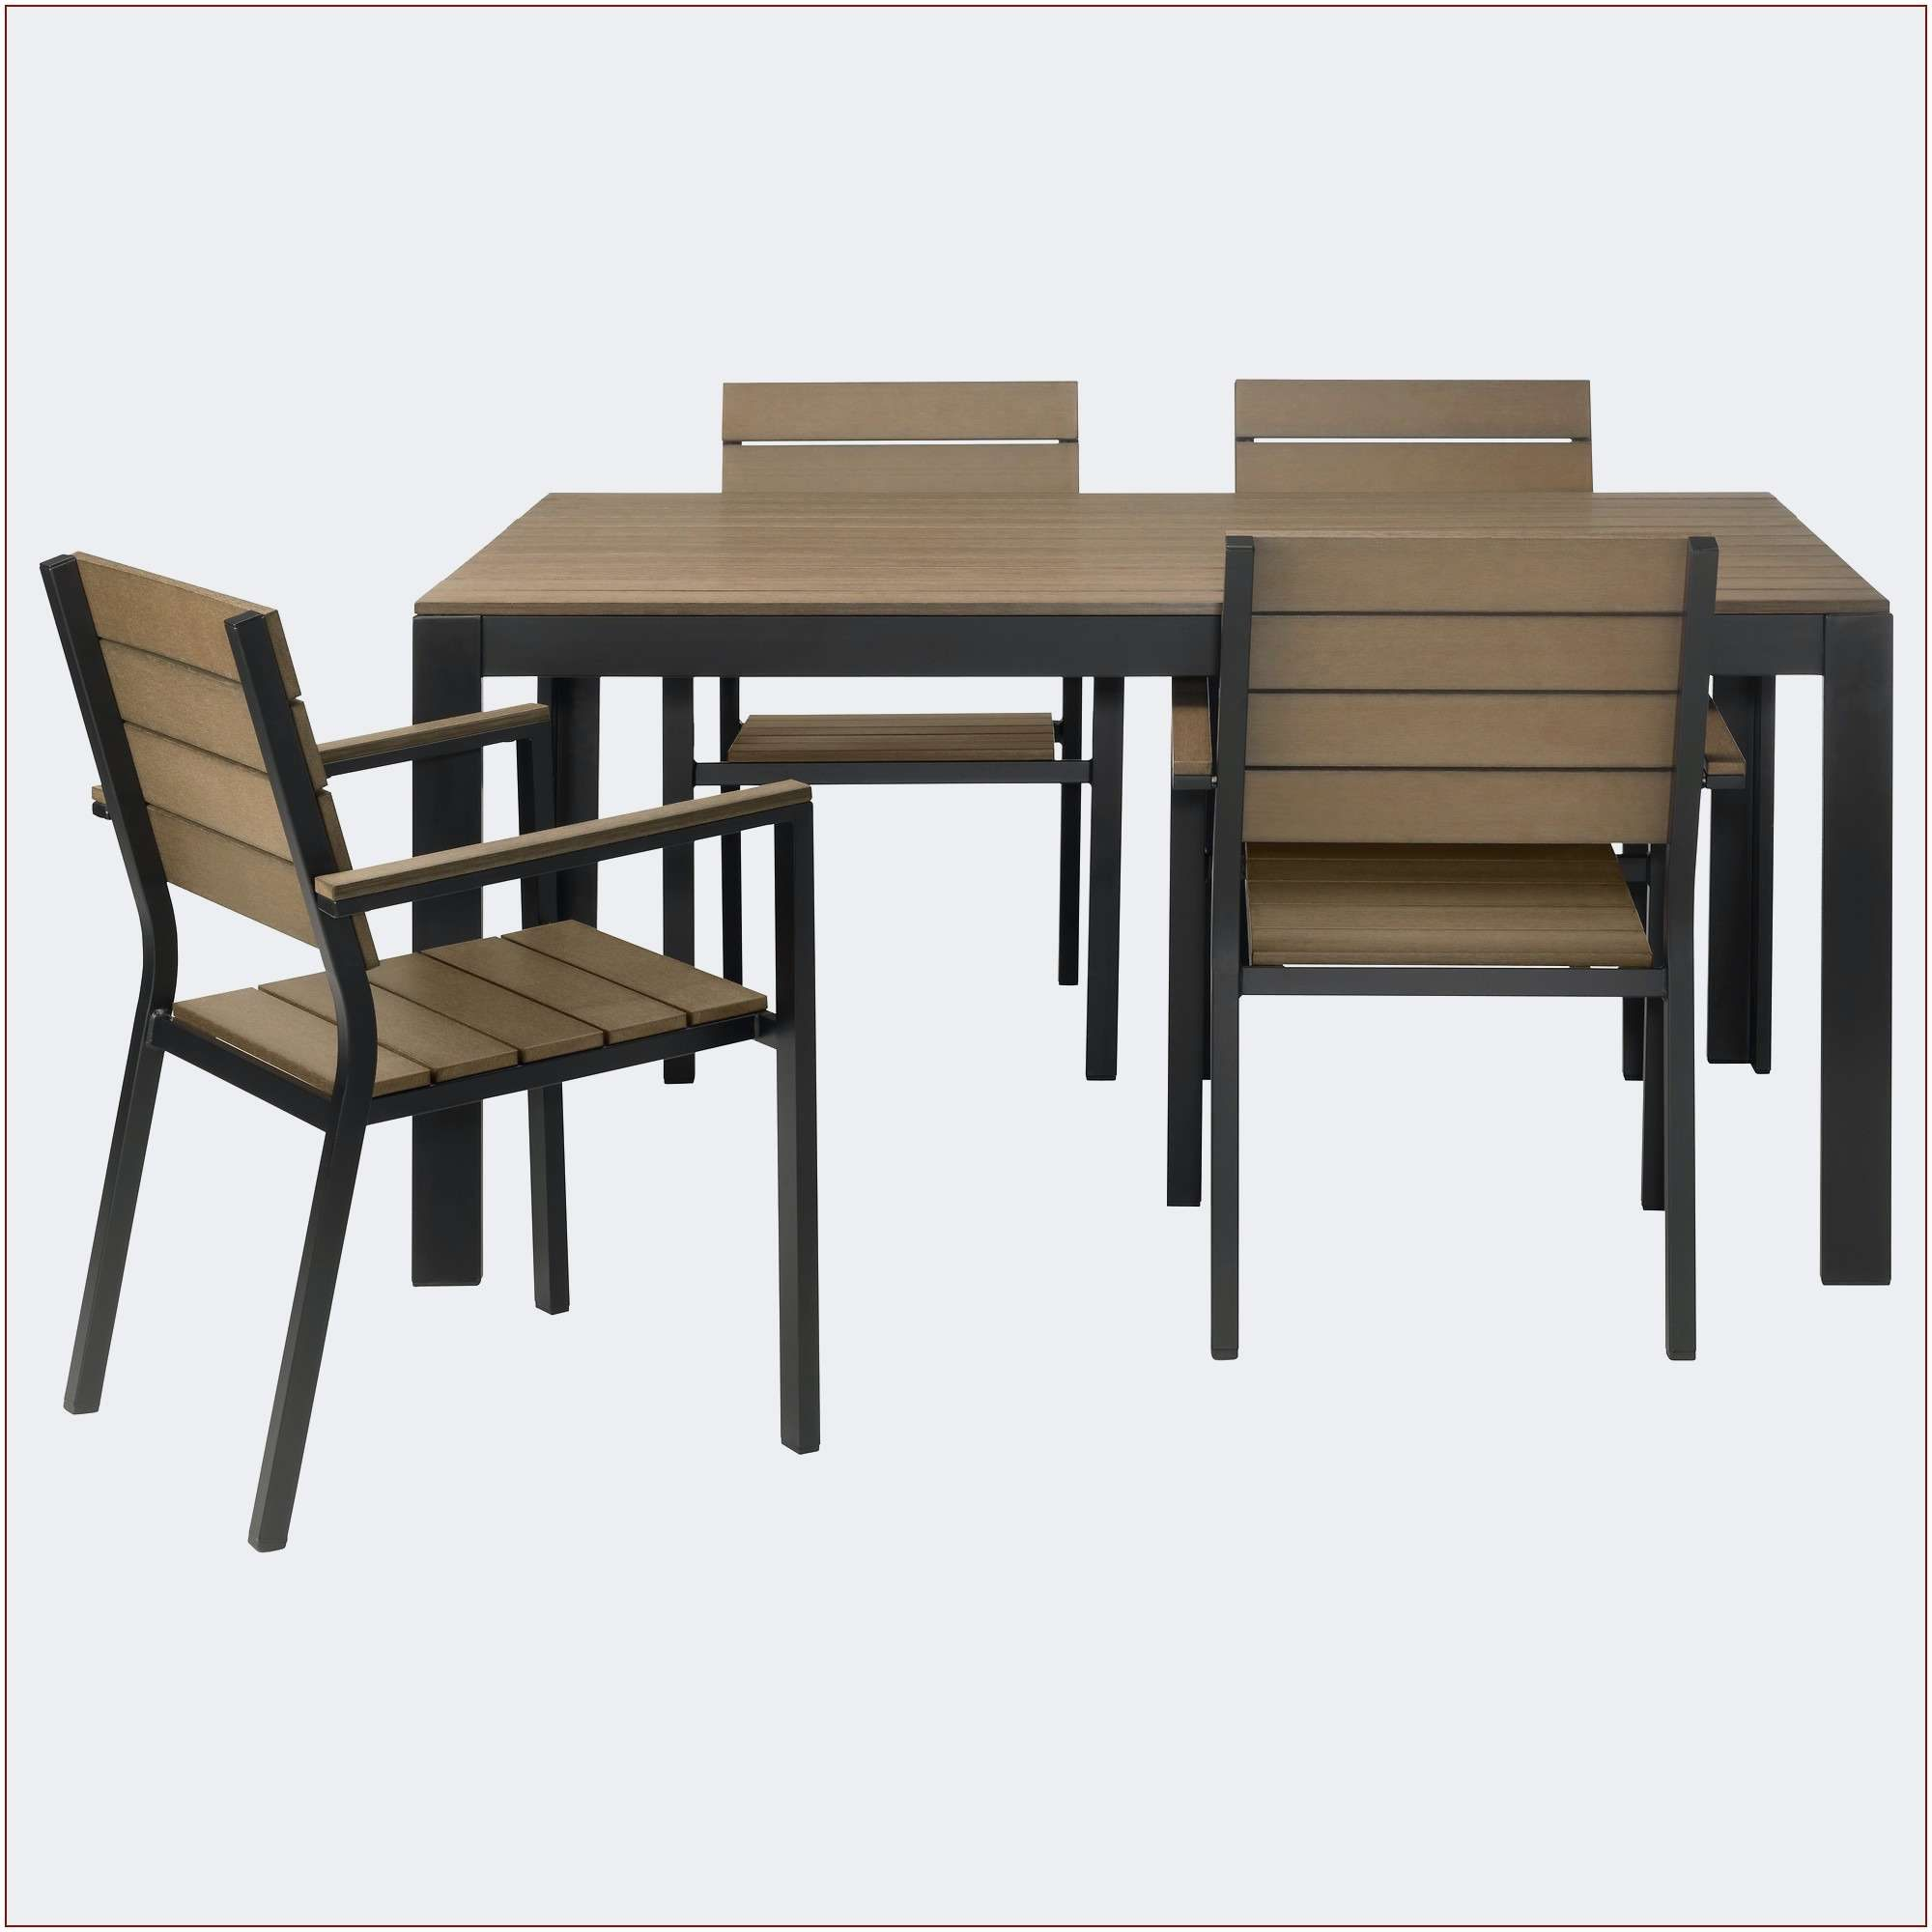 Lit En Bois Pliant Ikea Charmant Impressionnant Table Pliable Ikea New Lit En Bois Pliant Ikea